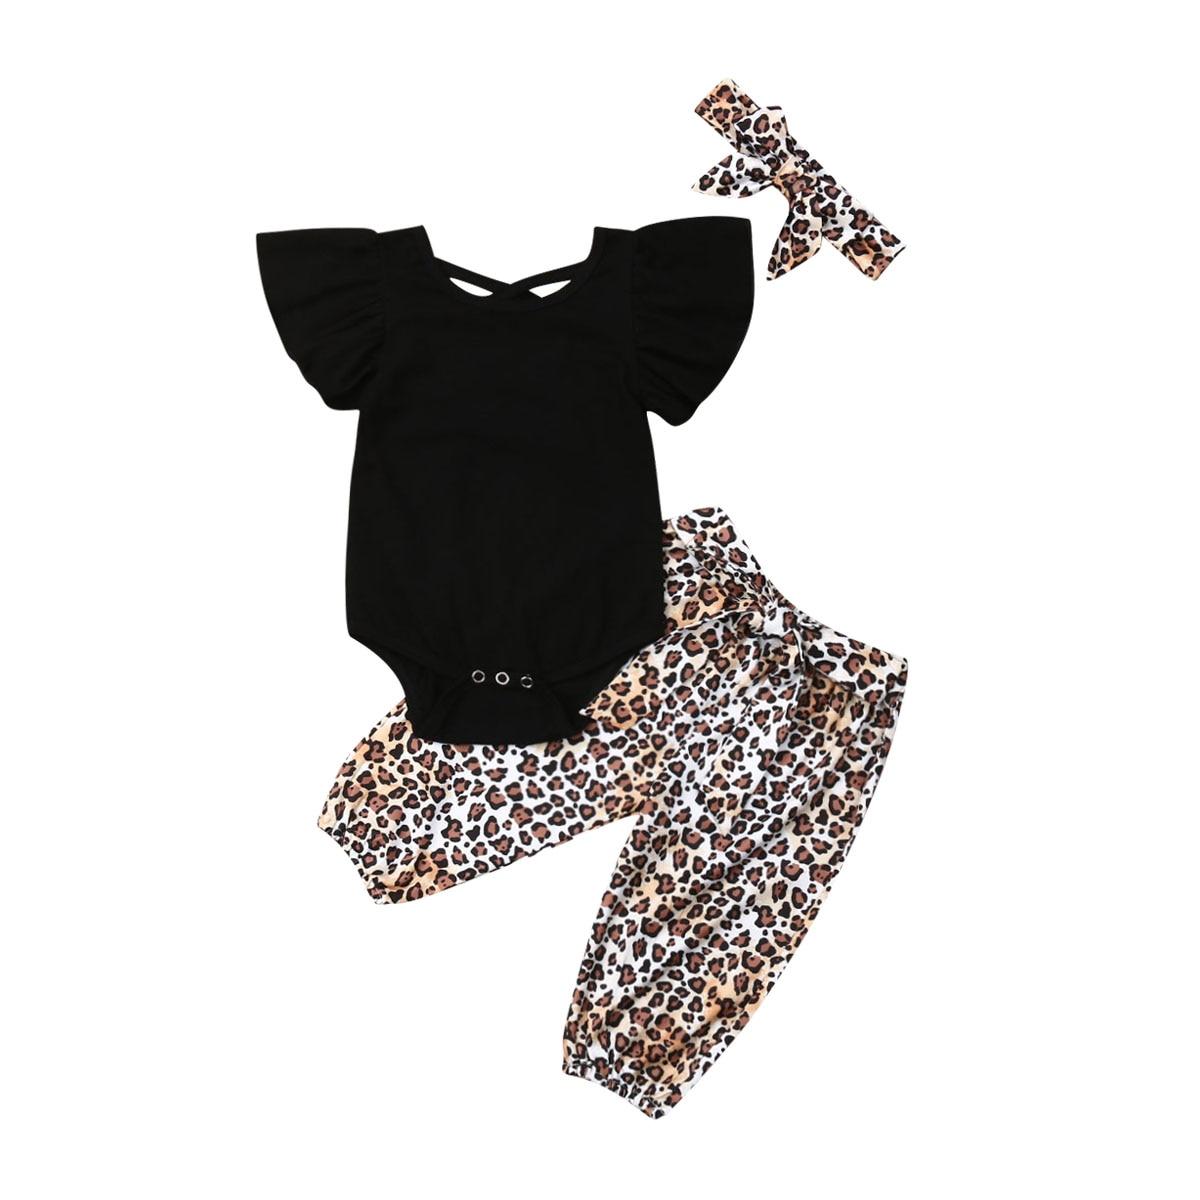 3 uds. Ropa para bebés y niñas, Tops con mangas voladas + Pantalones largos de leopardo con conjunto de Bodi y diadema